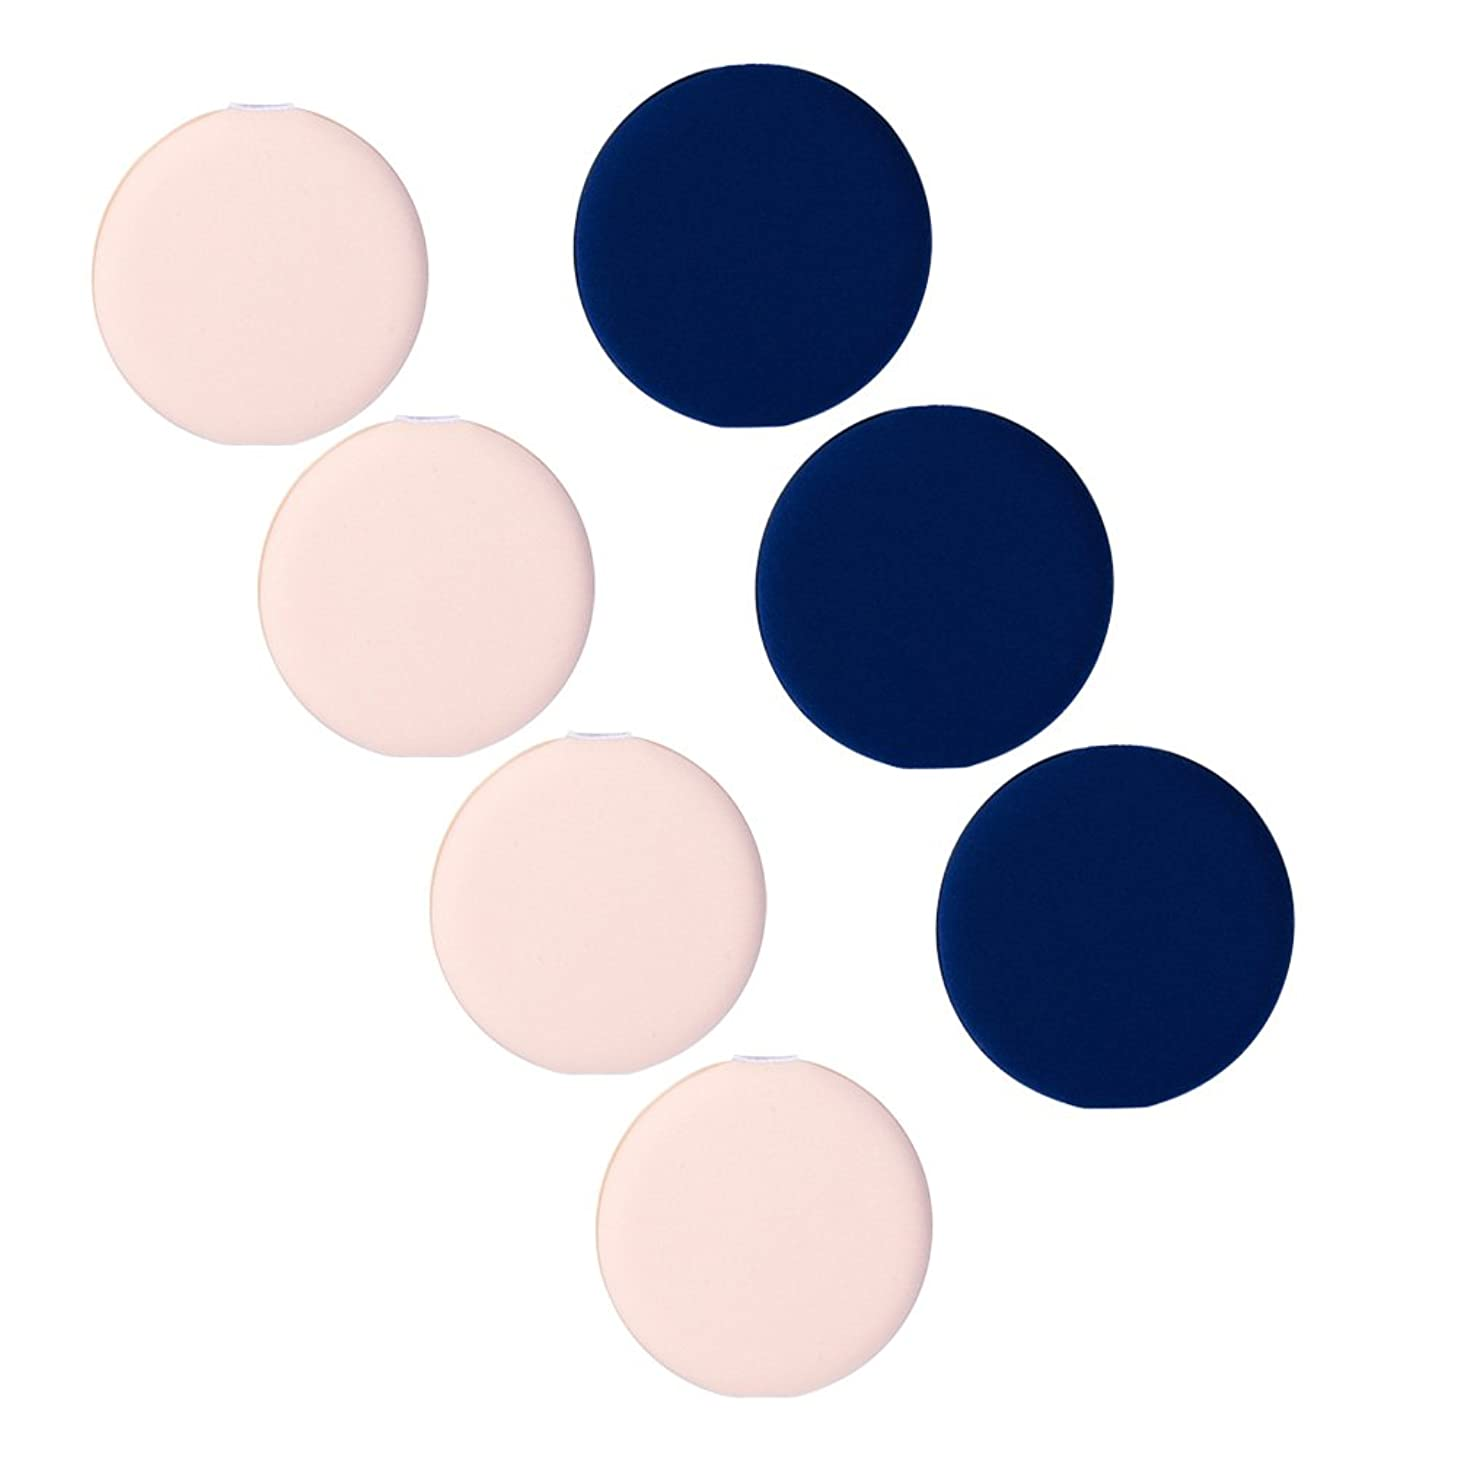 九荷物北7個/セット ミニメイクアップ  パウダーファンデーション BBクリームエアクッションパフ  化粧品用具